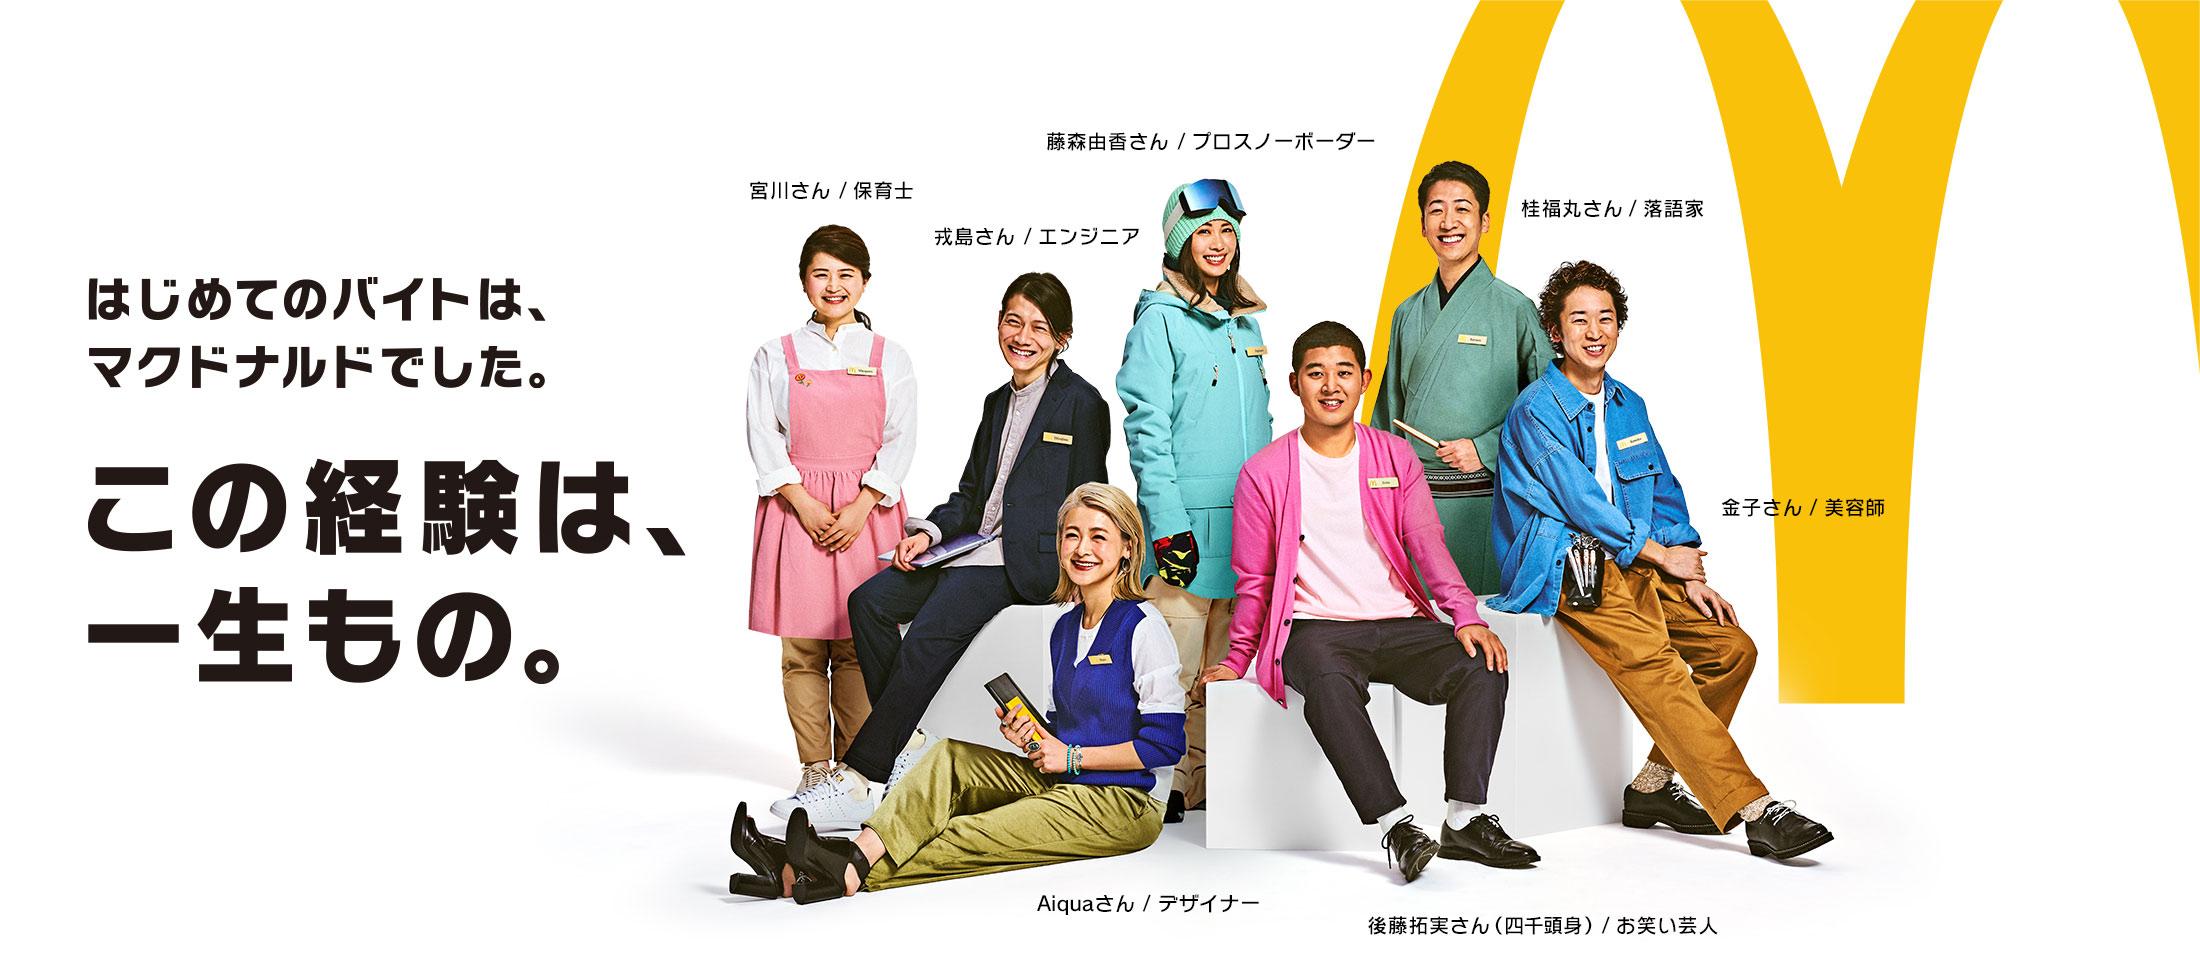 http://www.mcdonalds.co.jp/recruit/crew_recruiting/img/2020/kv_01.jpg